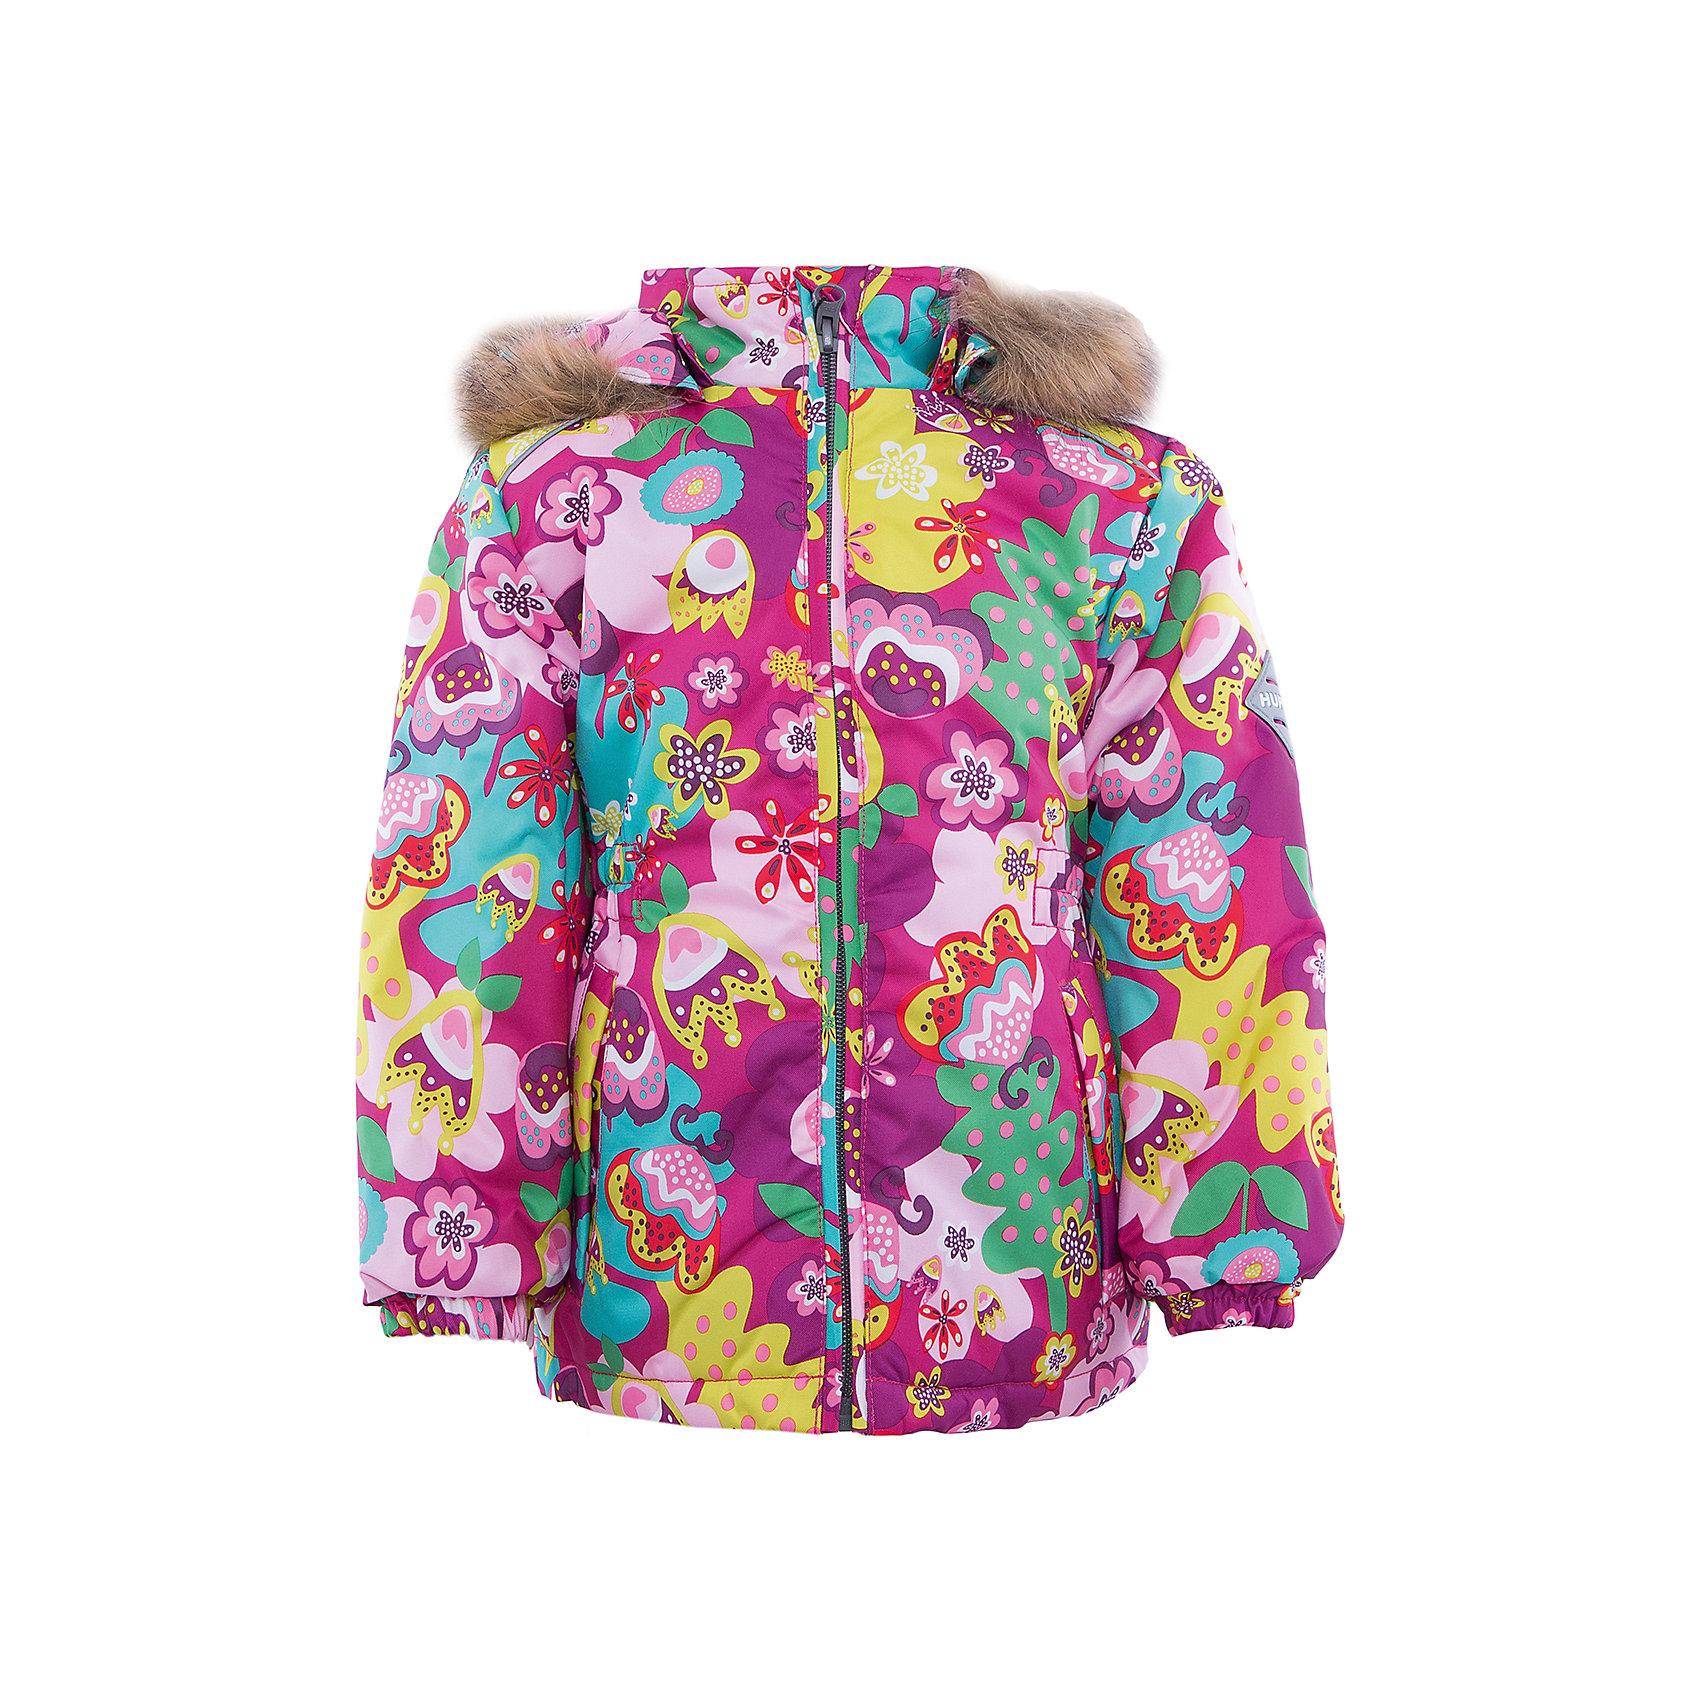 Куртка   для девочки HuppaКуртка MARII Huppa (Хуппа).<br><br>Утеплитель: 100% полиэстер, 300 гр.<br><br>Температурный режим: до -30 градусов. Степень утепления – высокая. <br><br>* Температурный режим указан приблизительно — необходимо, прежде всего, ориентироваться на ощущения ребенка. Температурный режим работает в случае соблюдения правила многослойности – использования флисовой поддевы и термобелья.<br><br>Изготовлена из качественных прочных материалов, не пропускающих воду и ветер. Для удобства и комфорта ребенка куртка имеет резинки на манжетах, капюшон и искусственным мехом, резинку на поясе, светоотражающие элементы. Утеплитель HuppaTherm легко стирать и удобно сушить. Яркий дизайн в сочетании с высоким качеством - превосходный выбор для юных модниц!<br><br>Дополнительная информация:<br>Съемный капюшон с отстегивающимся мехом<br>Материал: 100% полиэстер<br>Подкладка: тафта - 100% полиэстер, флис - 100% полиэстер<br>Цвет: розовый/фуксия<br><br>Куртку MARII Huppa(Хуппа) можно купить в нашем интернет-магазине.<br><br>Ширина мм: 356<br>Глубина мм: 10<br>Высота мм: 245<br>Вес г: 519<br>Цвет: розовый<br>Возраст от месяцев: 18<br>Возраст до месяцев: 24<br>Пол: Женский<br>Возраст: Детский<br>Размер: 92,140,134,128,122,116,110,104,98<br>SKU: 4928333